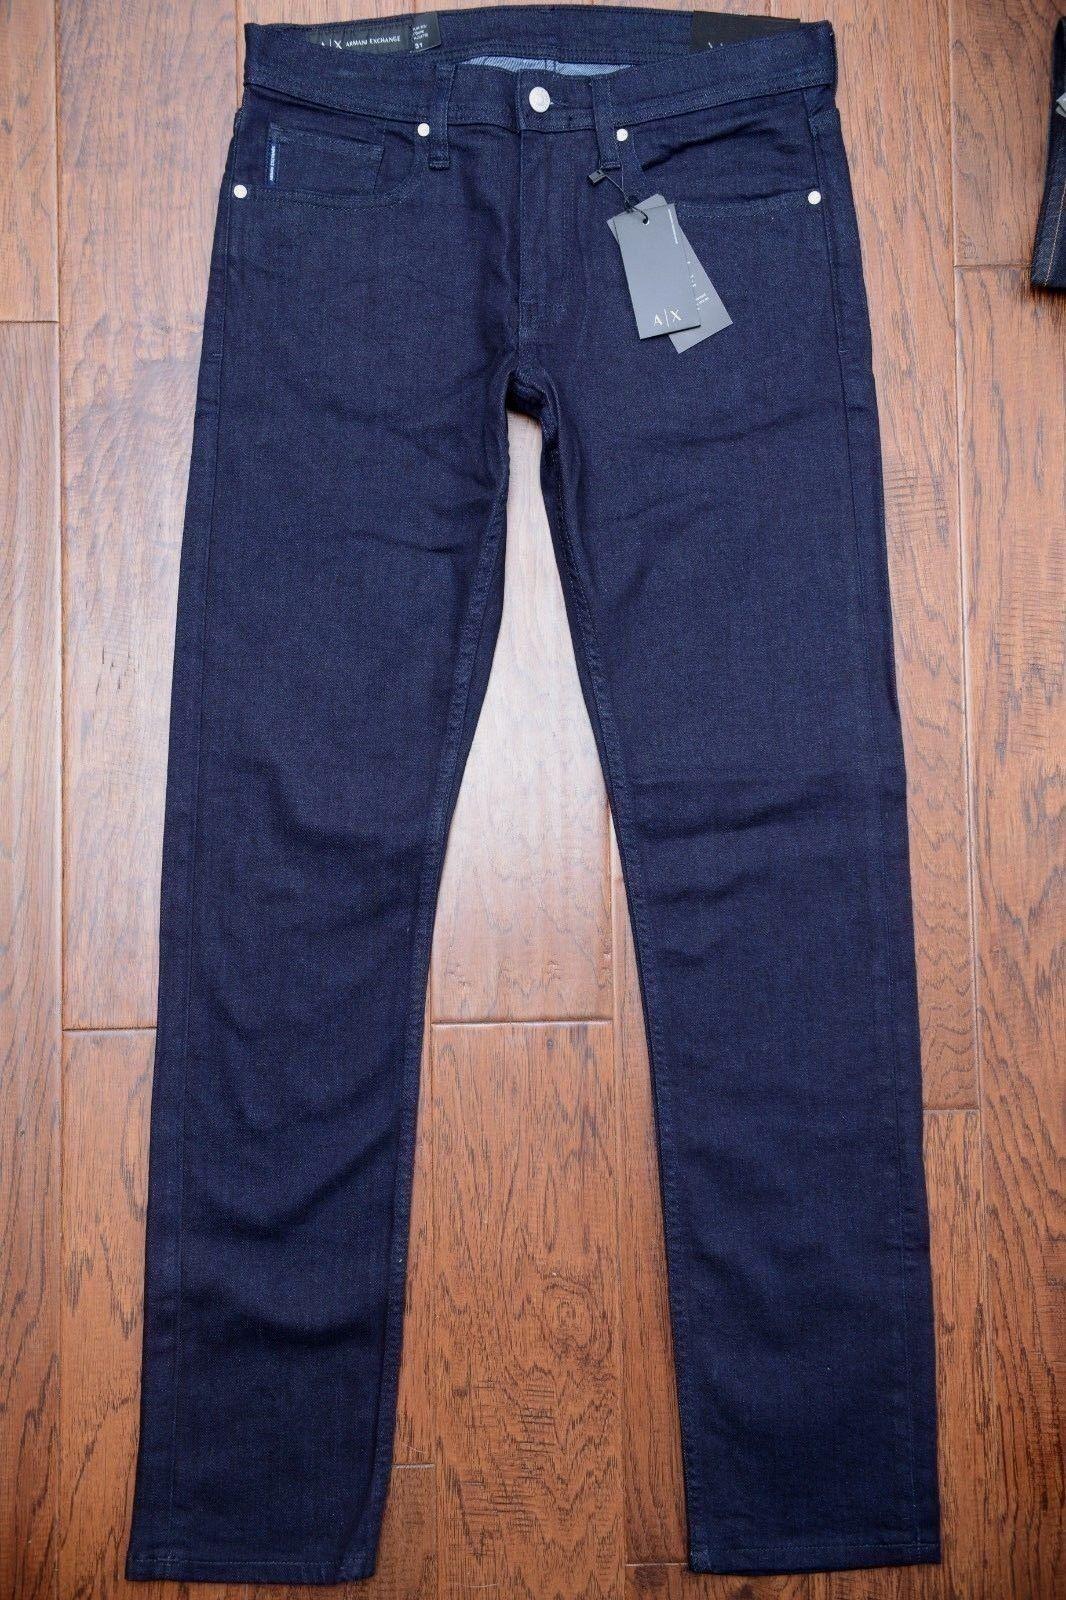 Armani Exchange A X Herren Enganliegend Stretch Baumwolle-Marine Jeans 31 W31  | Online Outlet Shop  | Sonderkauf  | Tadellos